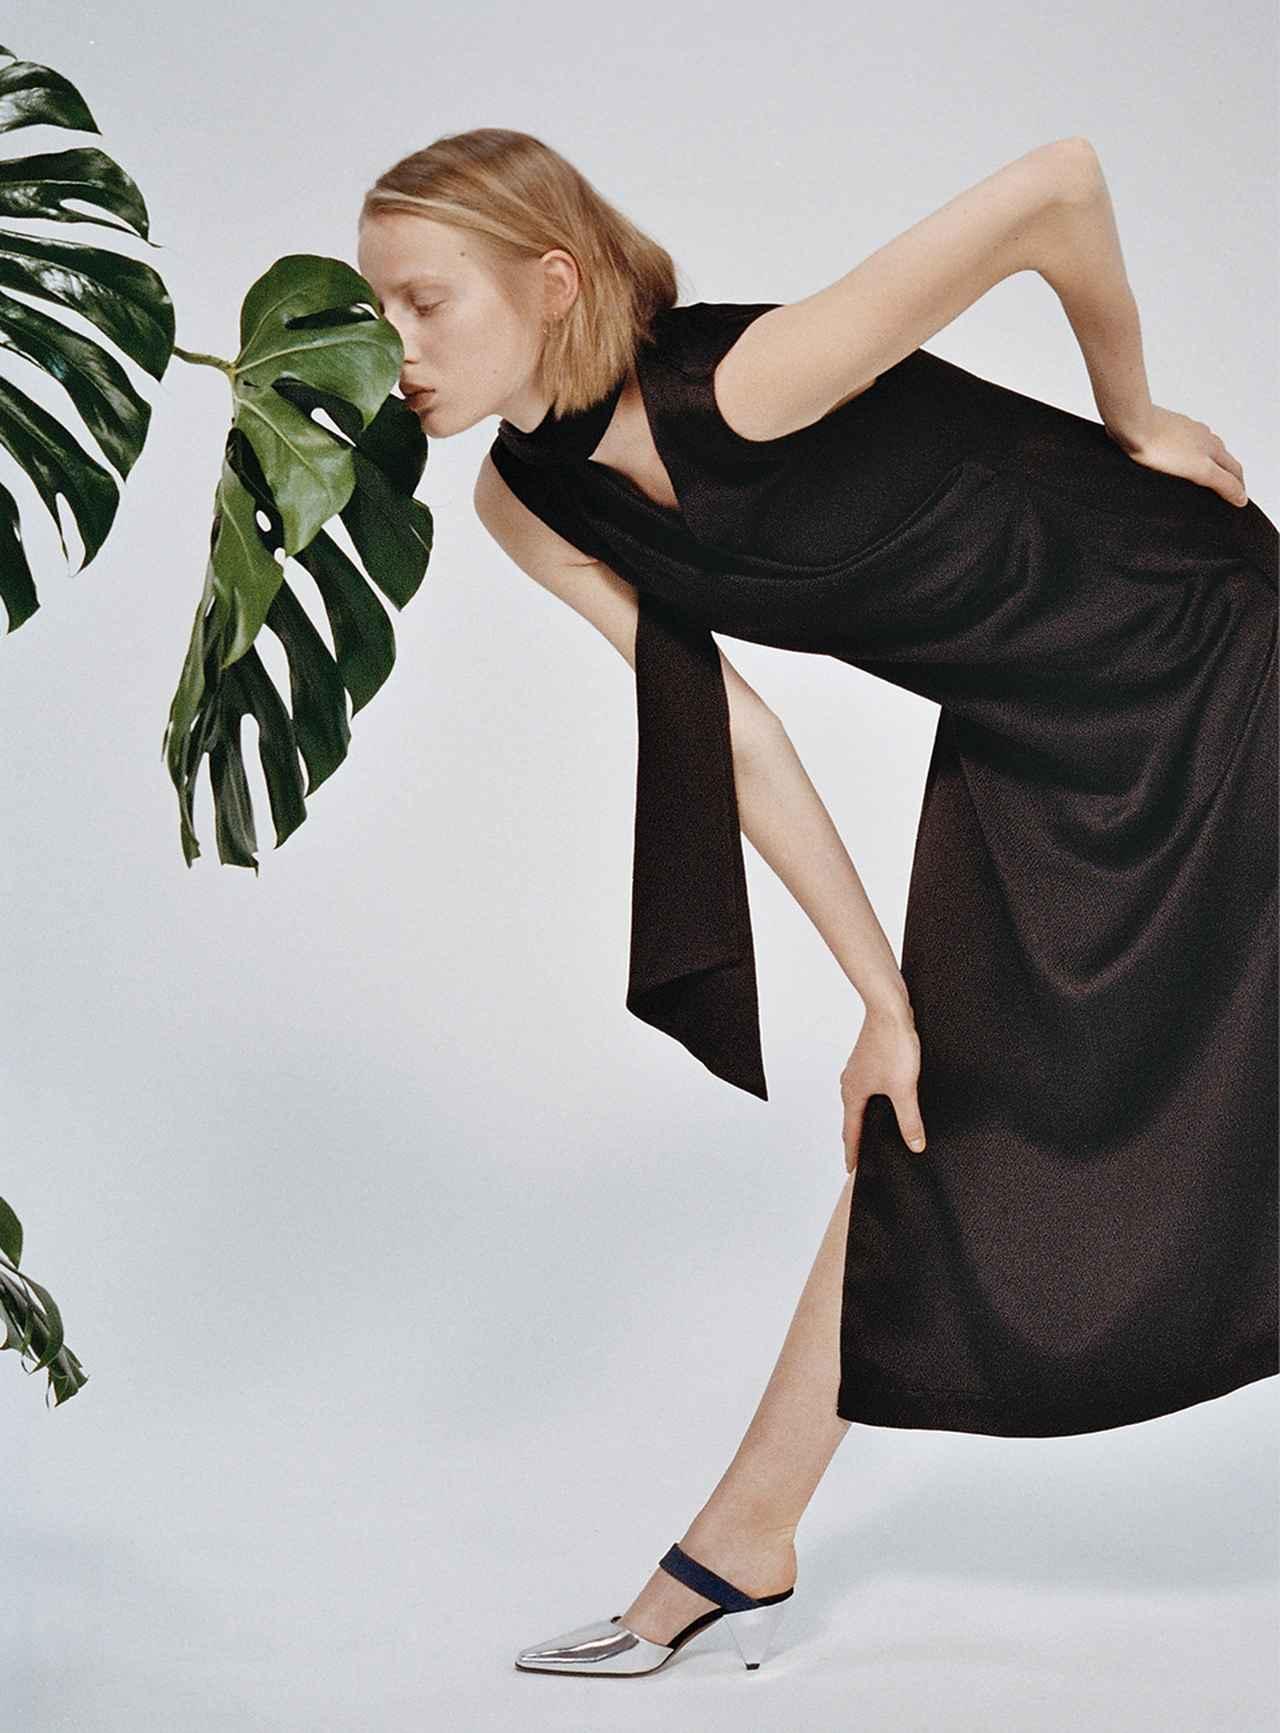 Images : 5番目の画像 - 「蘭をイメージした ミニマルなシューズブランド 「ネオアス」」のアルバム - T JAPAN:The New York Times Style Magazine 公式サイト